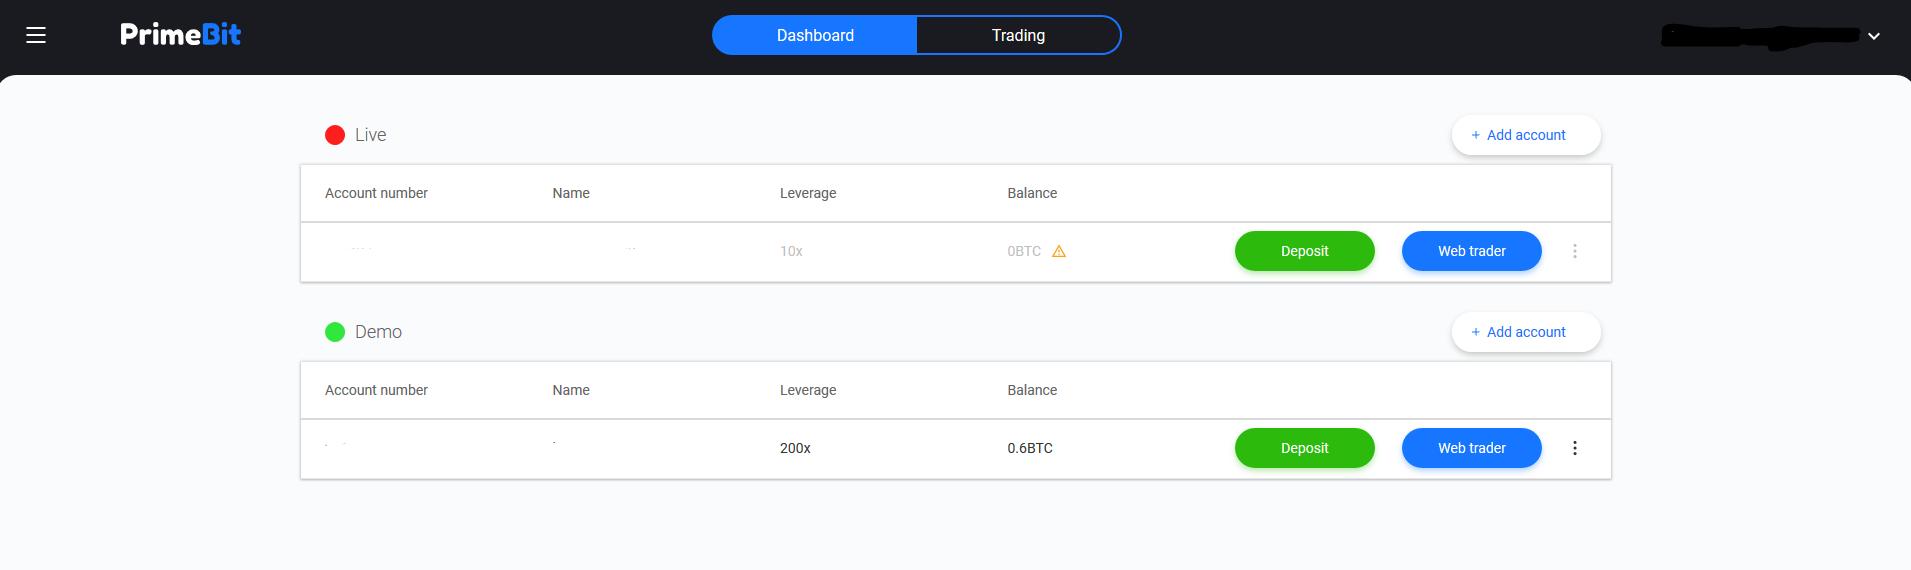 Platform összehasonlító táblázat